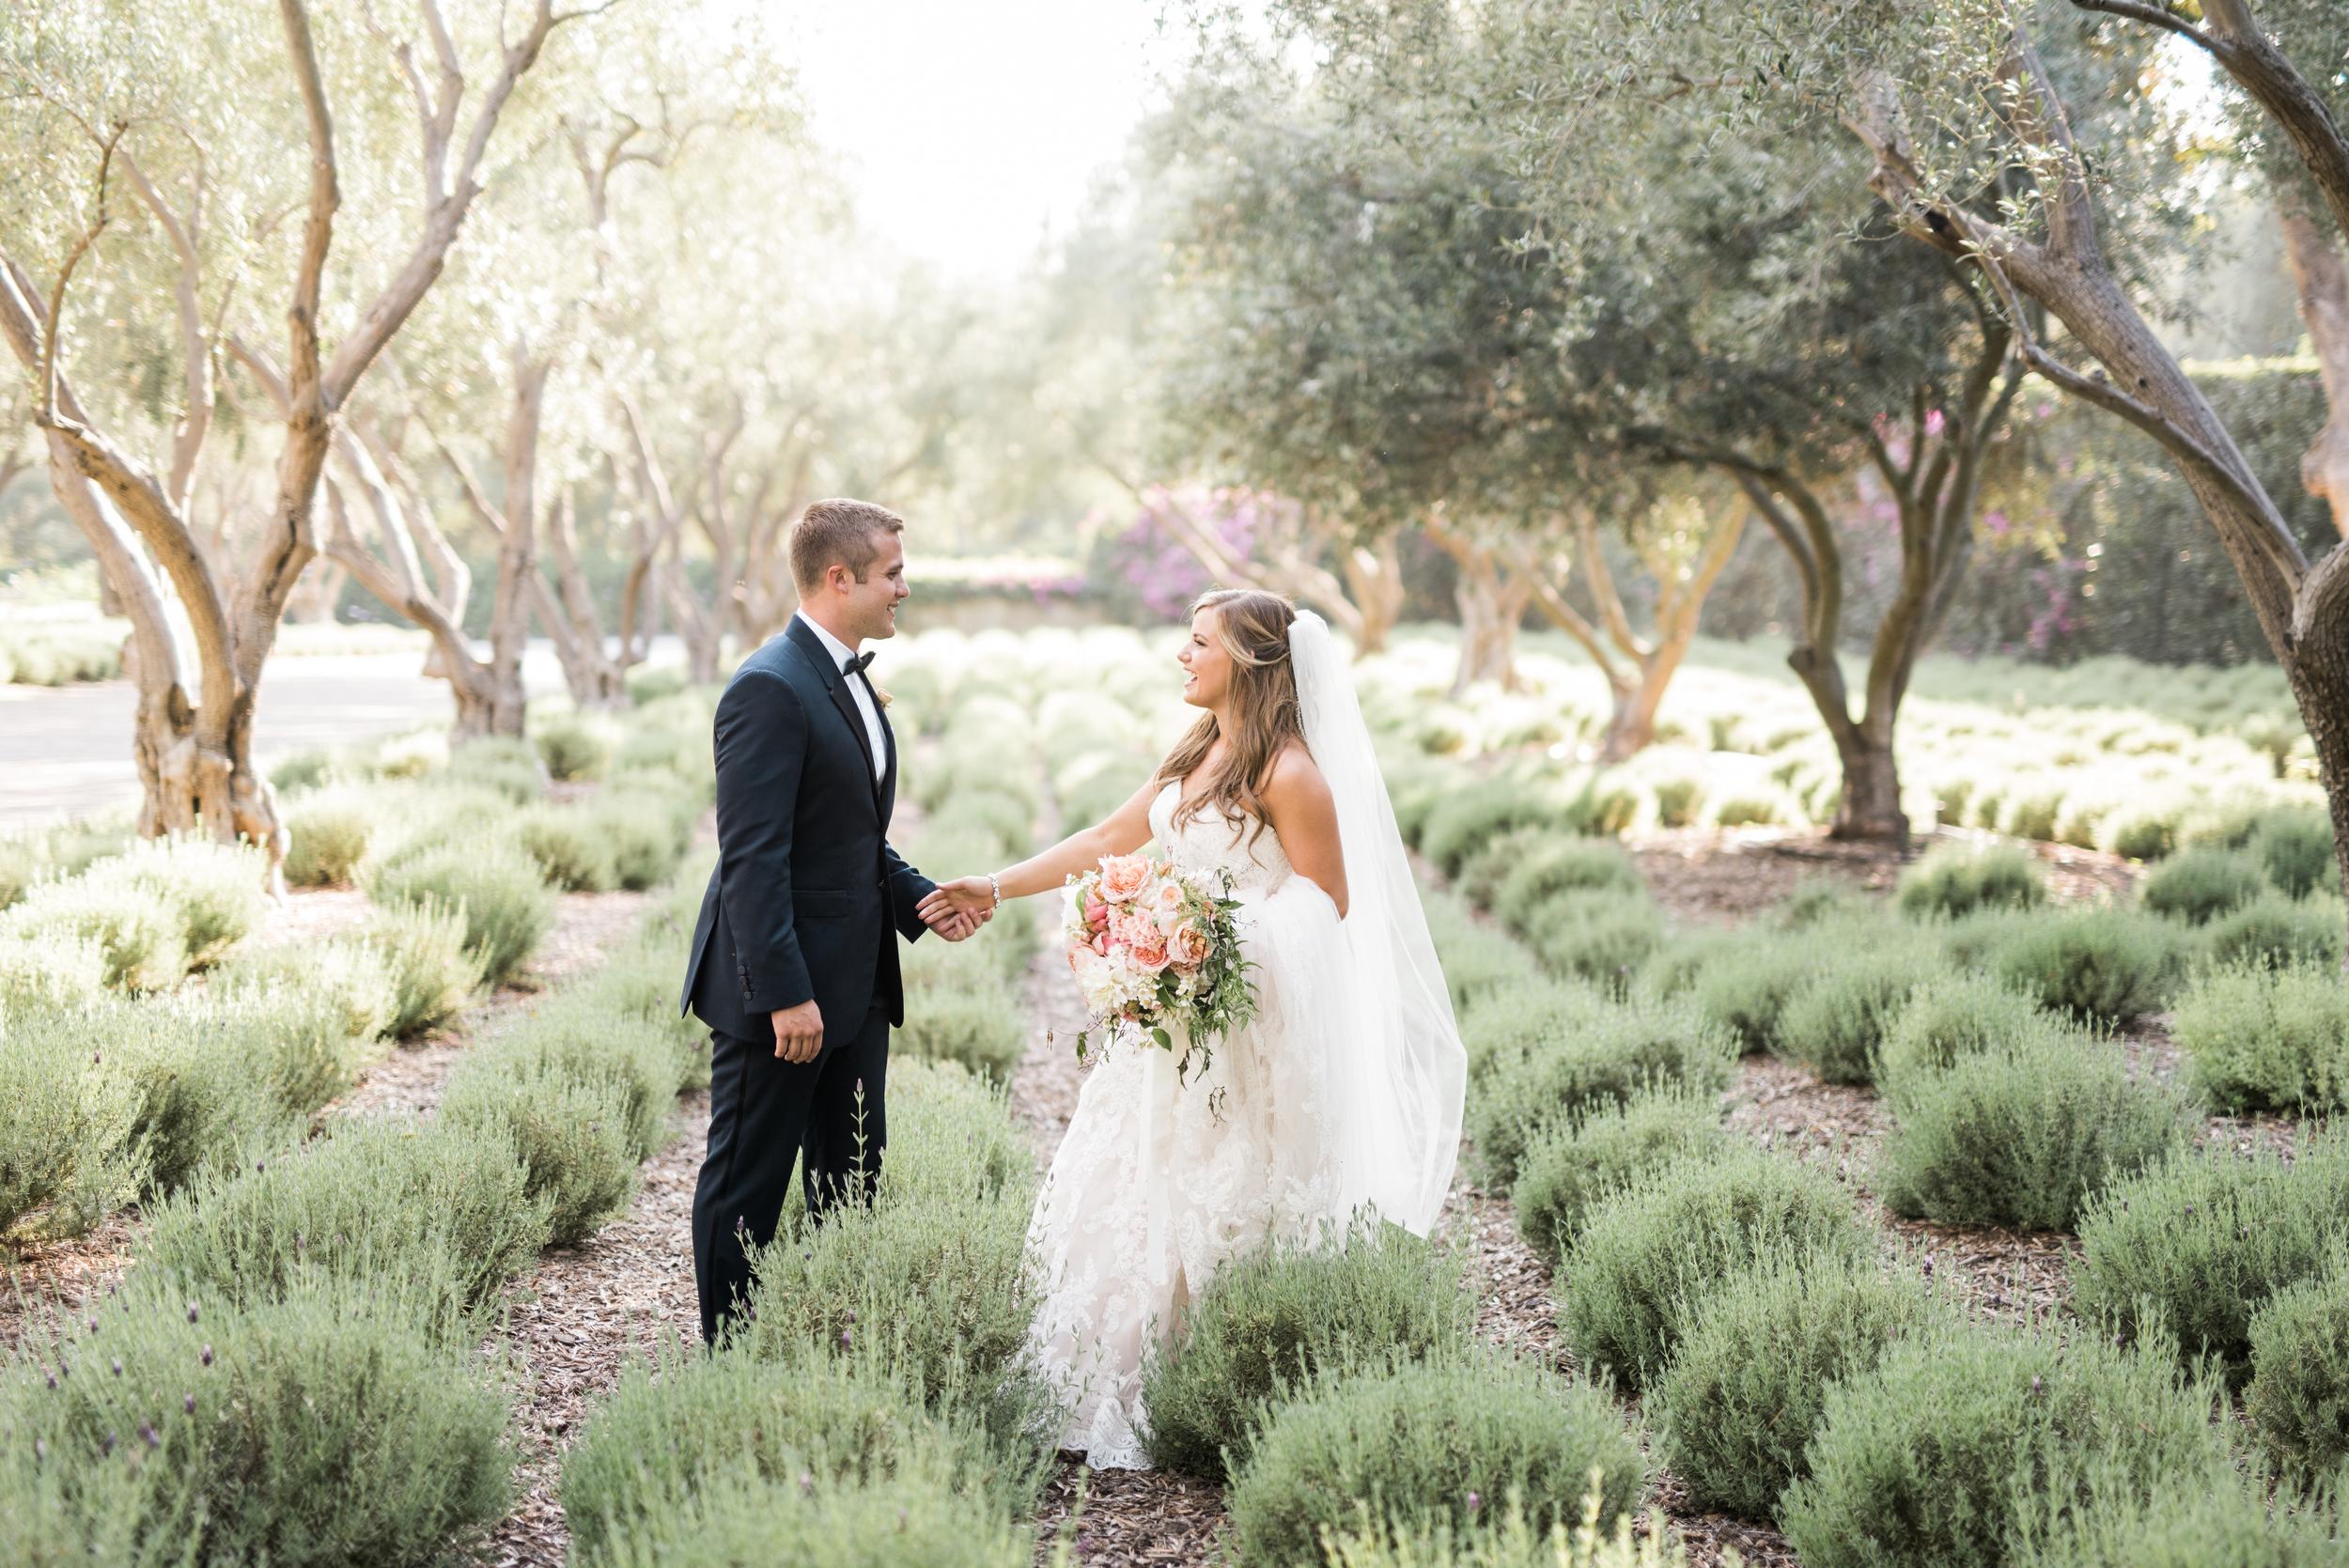 Austin & Lanie, Santa Barbara